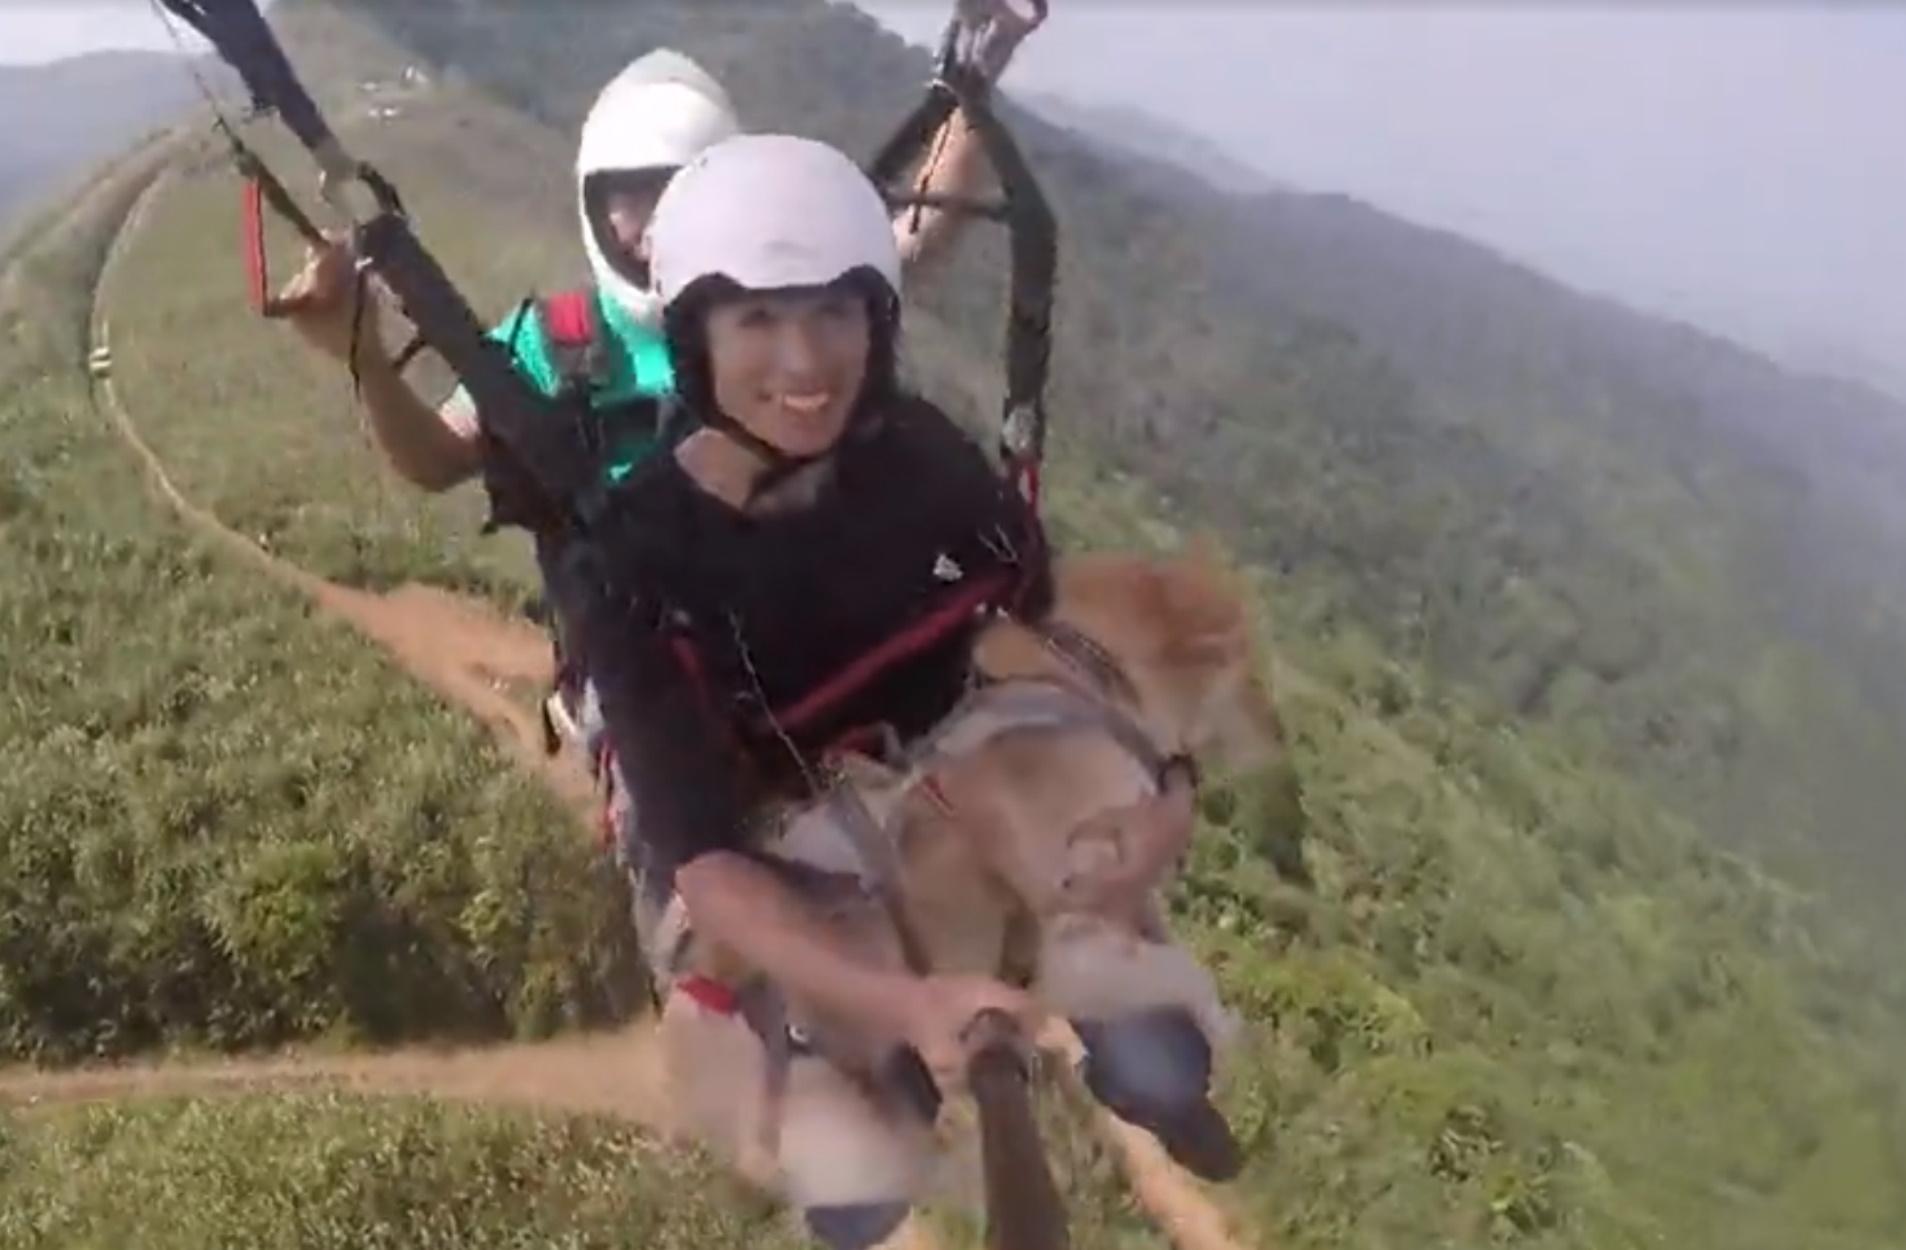 Σκυλάκι… αλεξιπτωτιστής σε νέες περιπέτειες στο Βιετνάμ!